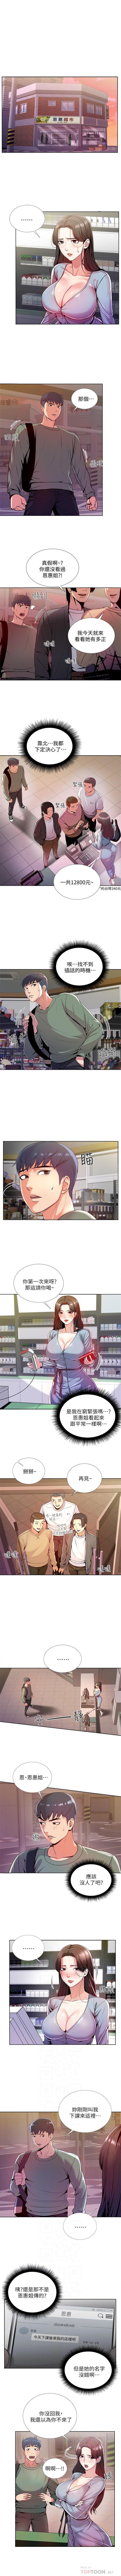 超市的漂亮姐姐 1-27 官方中文(連載中) 39